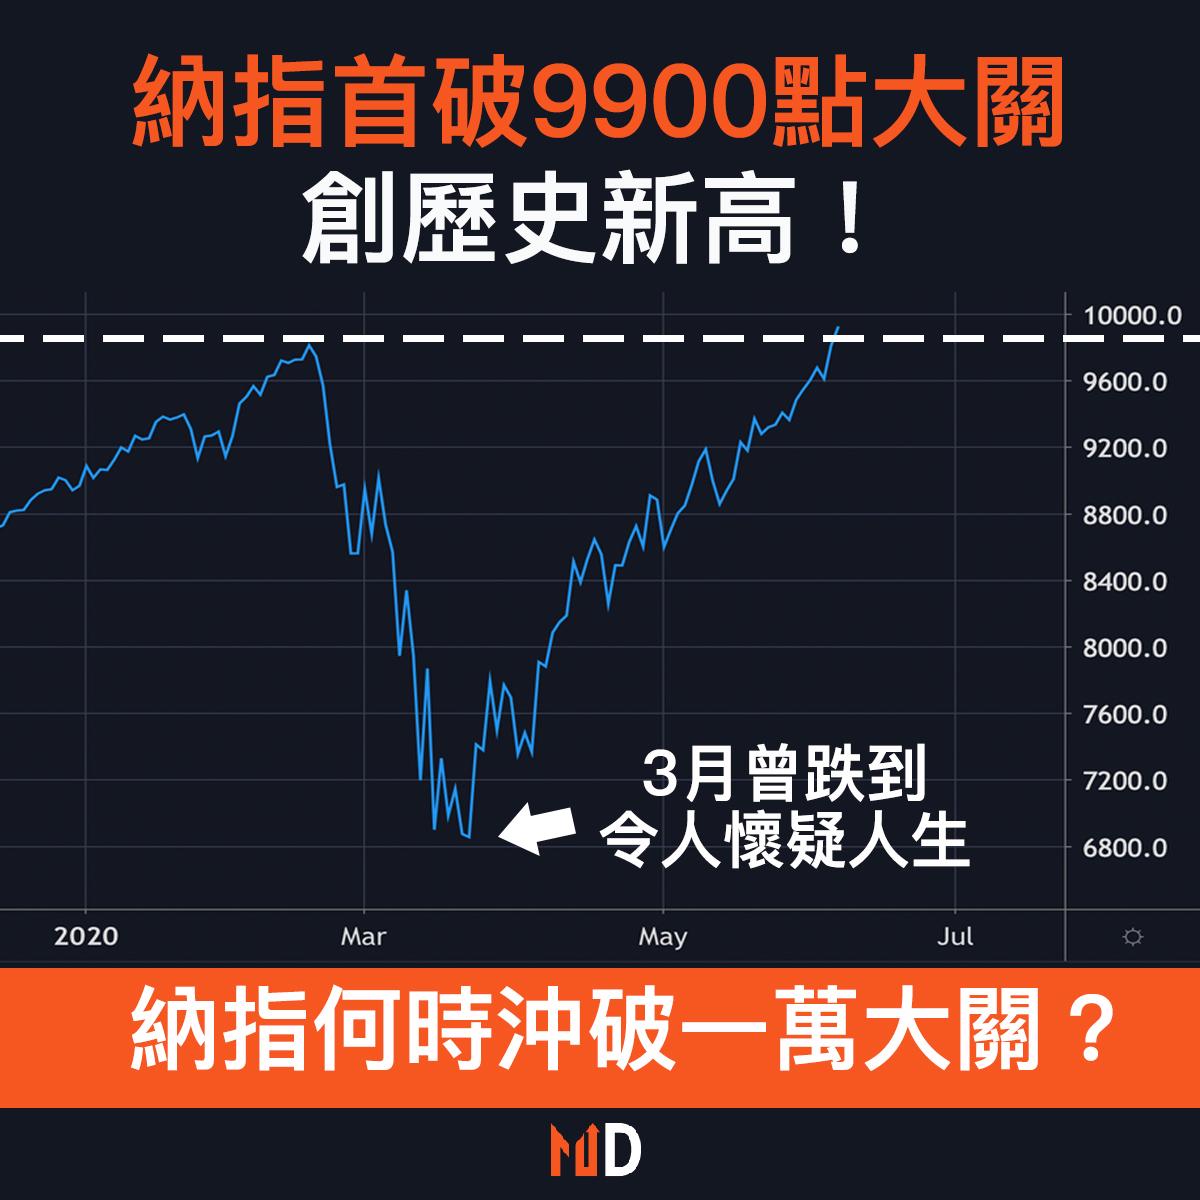 【市場熱話】納指首破9900點大關,創歷史新高